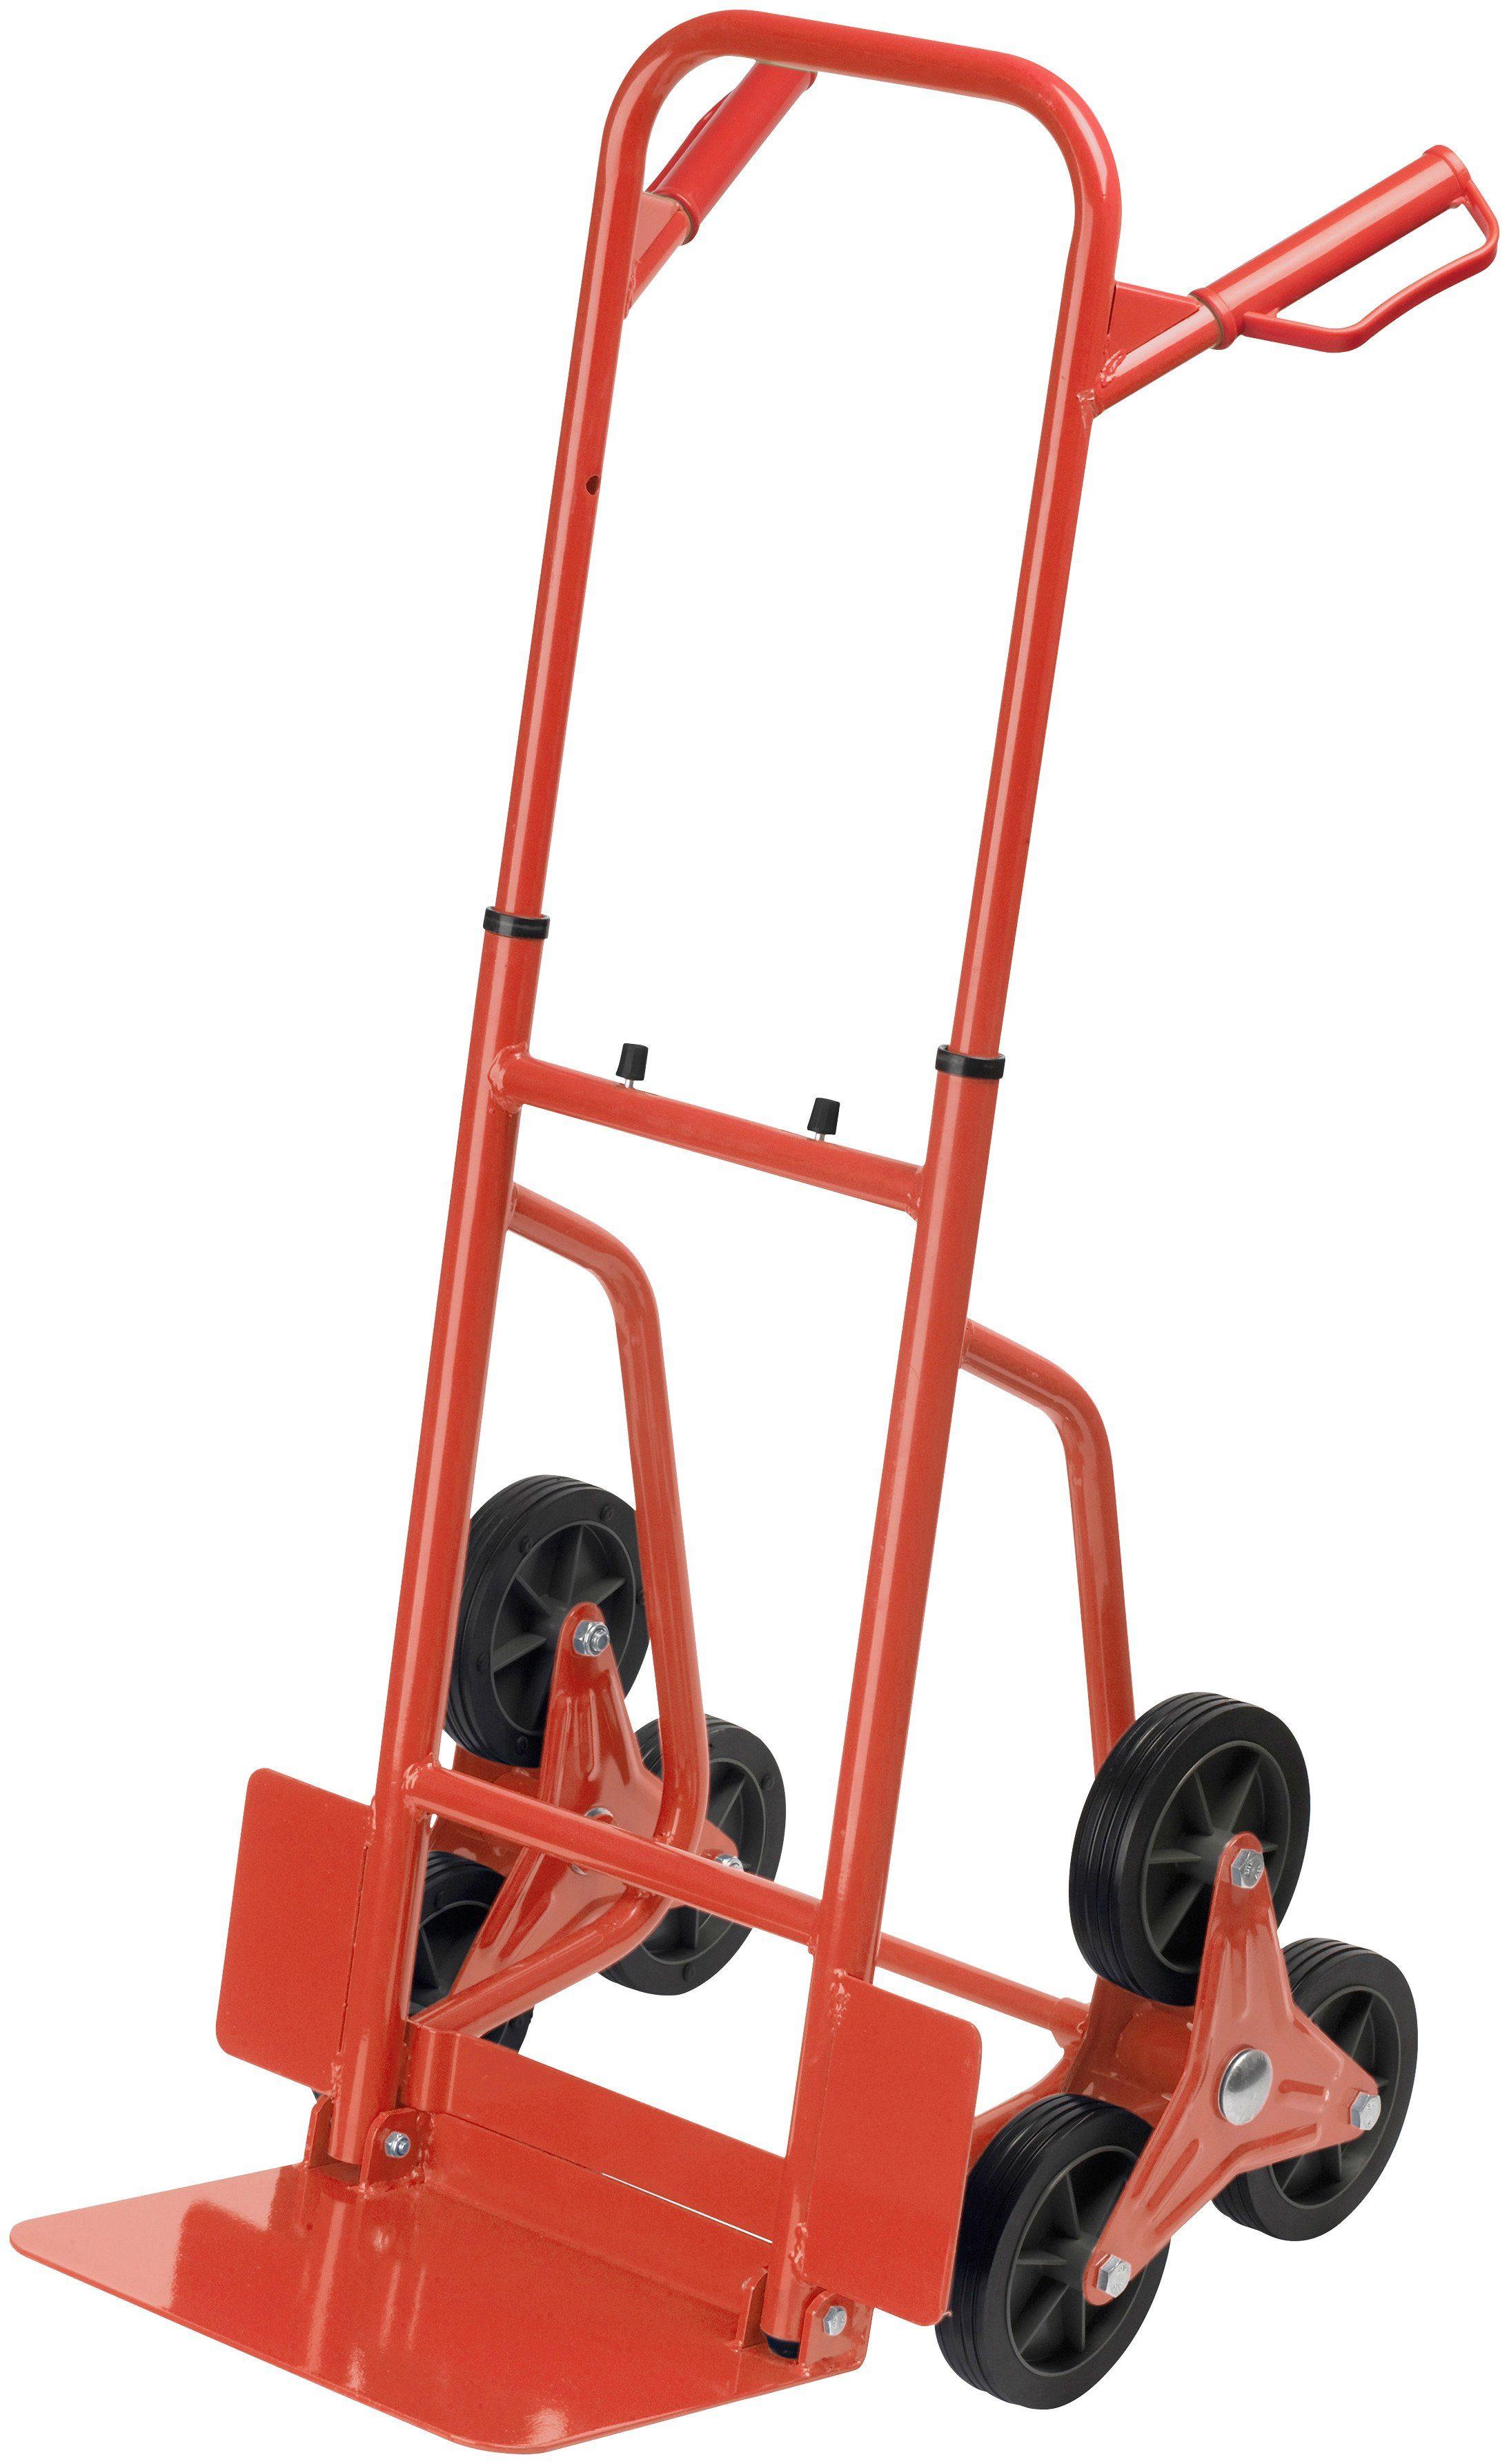 Meister Treppensackkarre »Stufen-Sackkarre 120 kg«